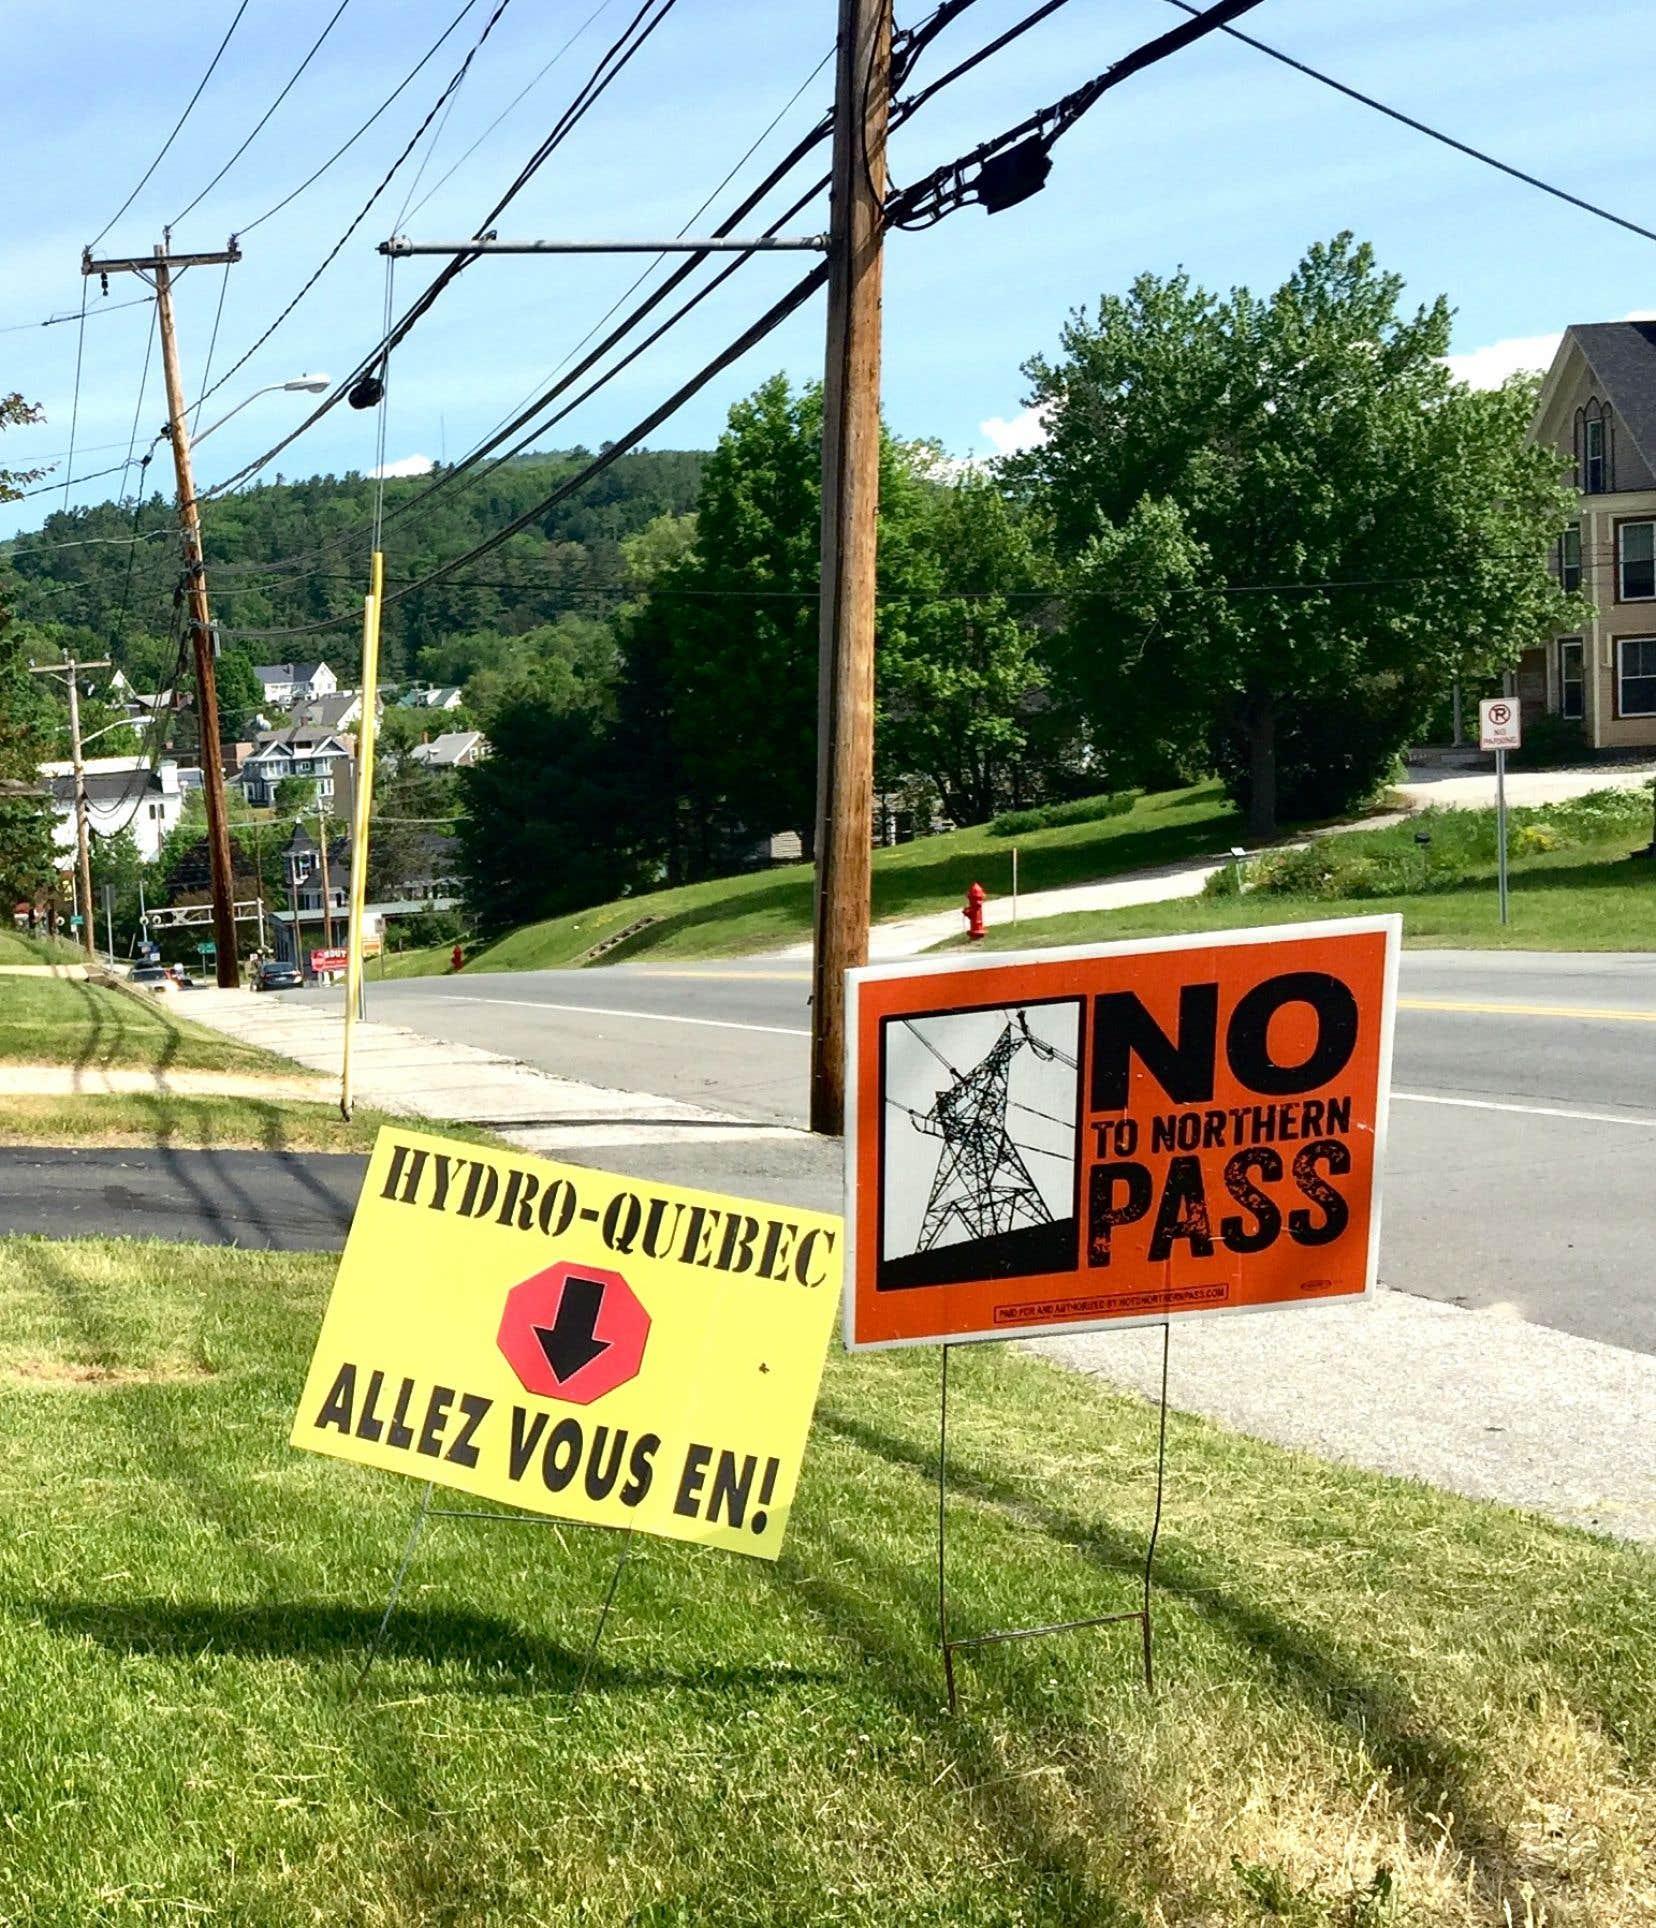 La Commission d'examen du site au New Hampshire a suspendu lundi sa décision du mois de février visant à bloquer ce projet de ligne de transport.